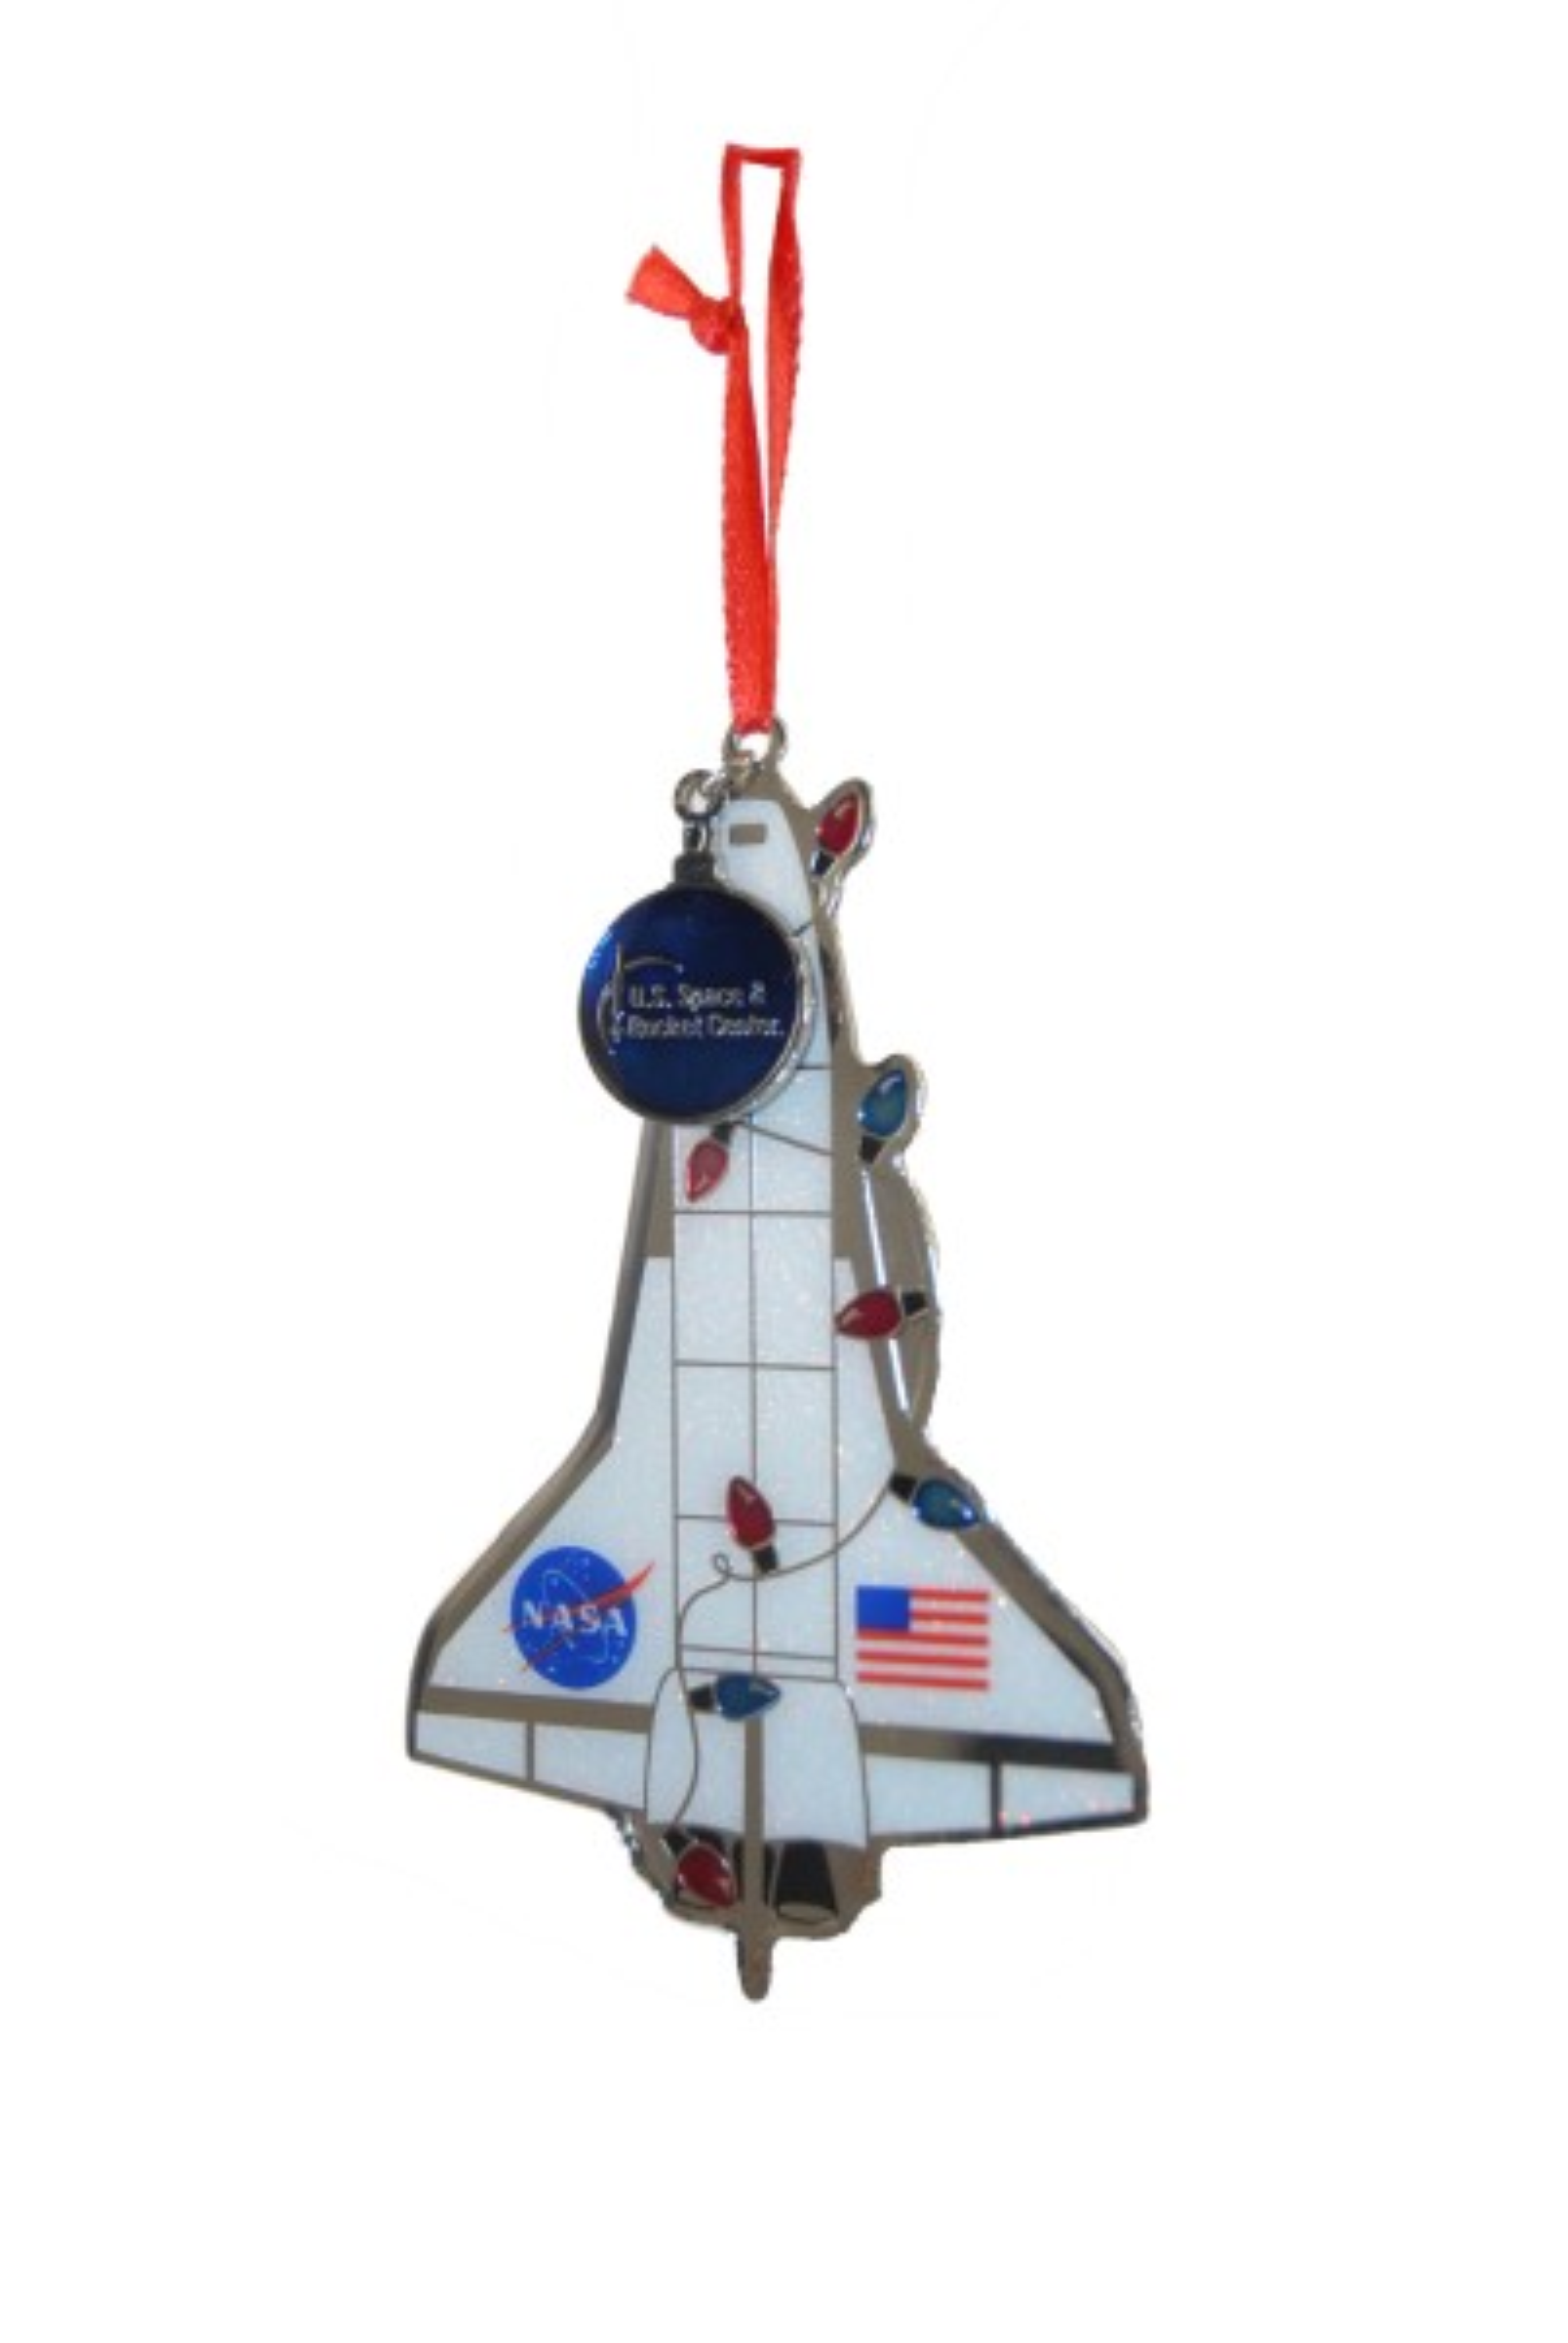 Shuttle Iridescent Ornament,NASA,13-81-043-013